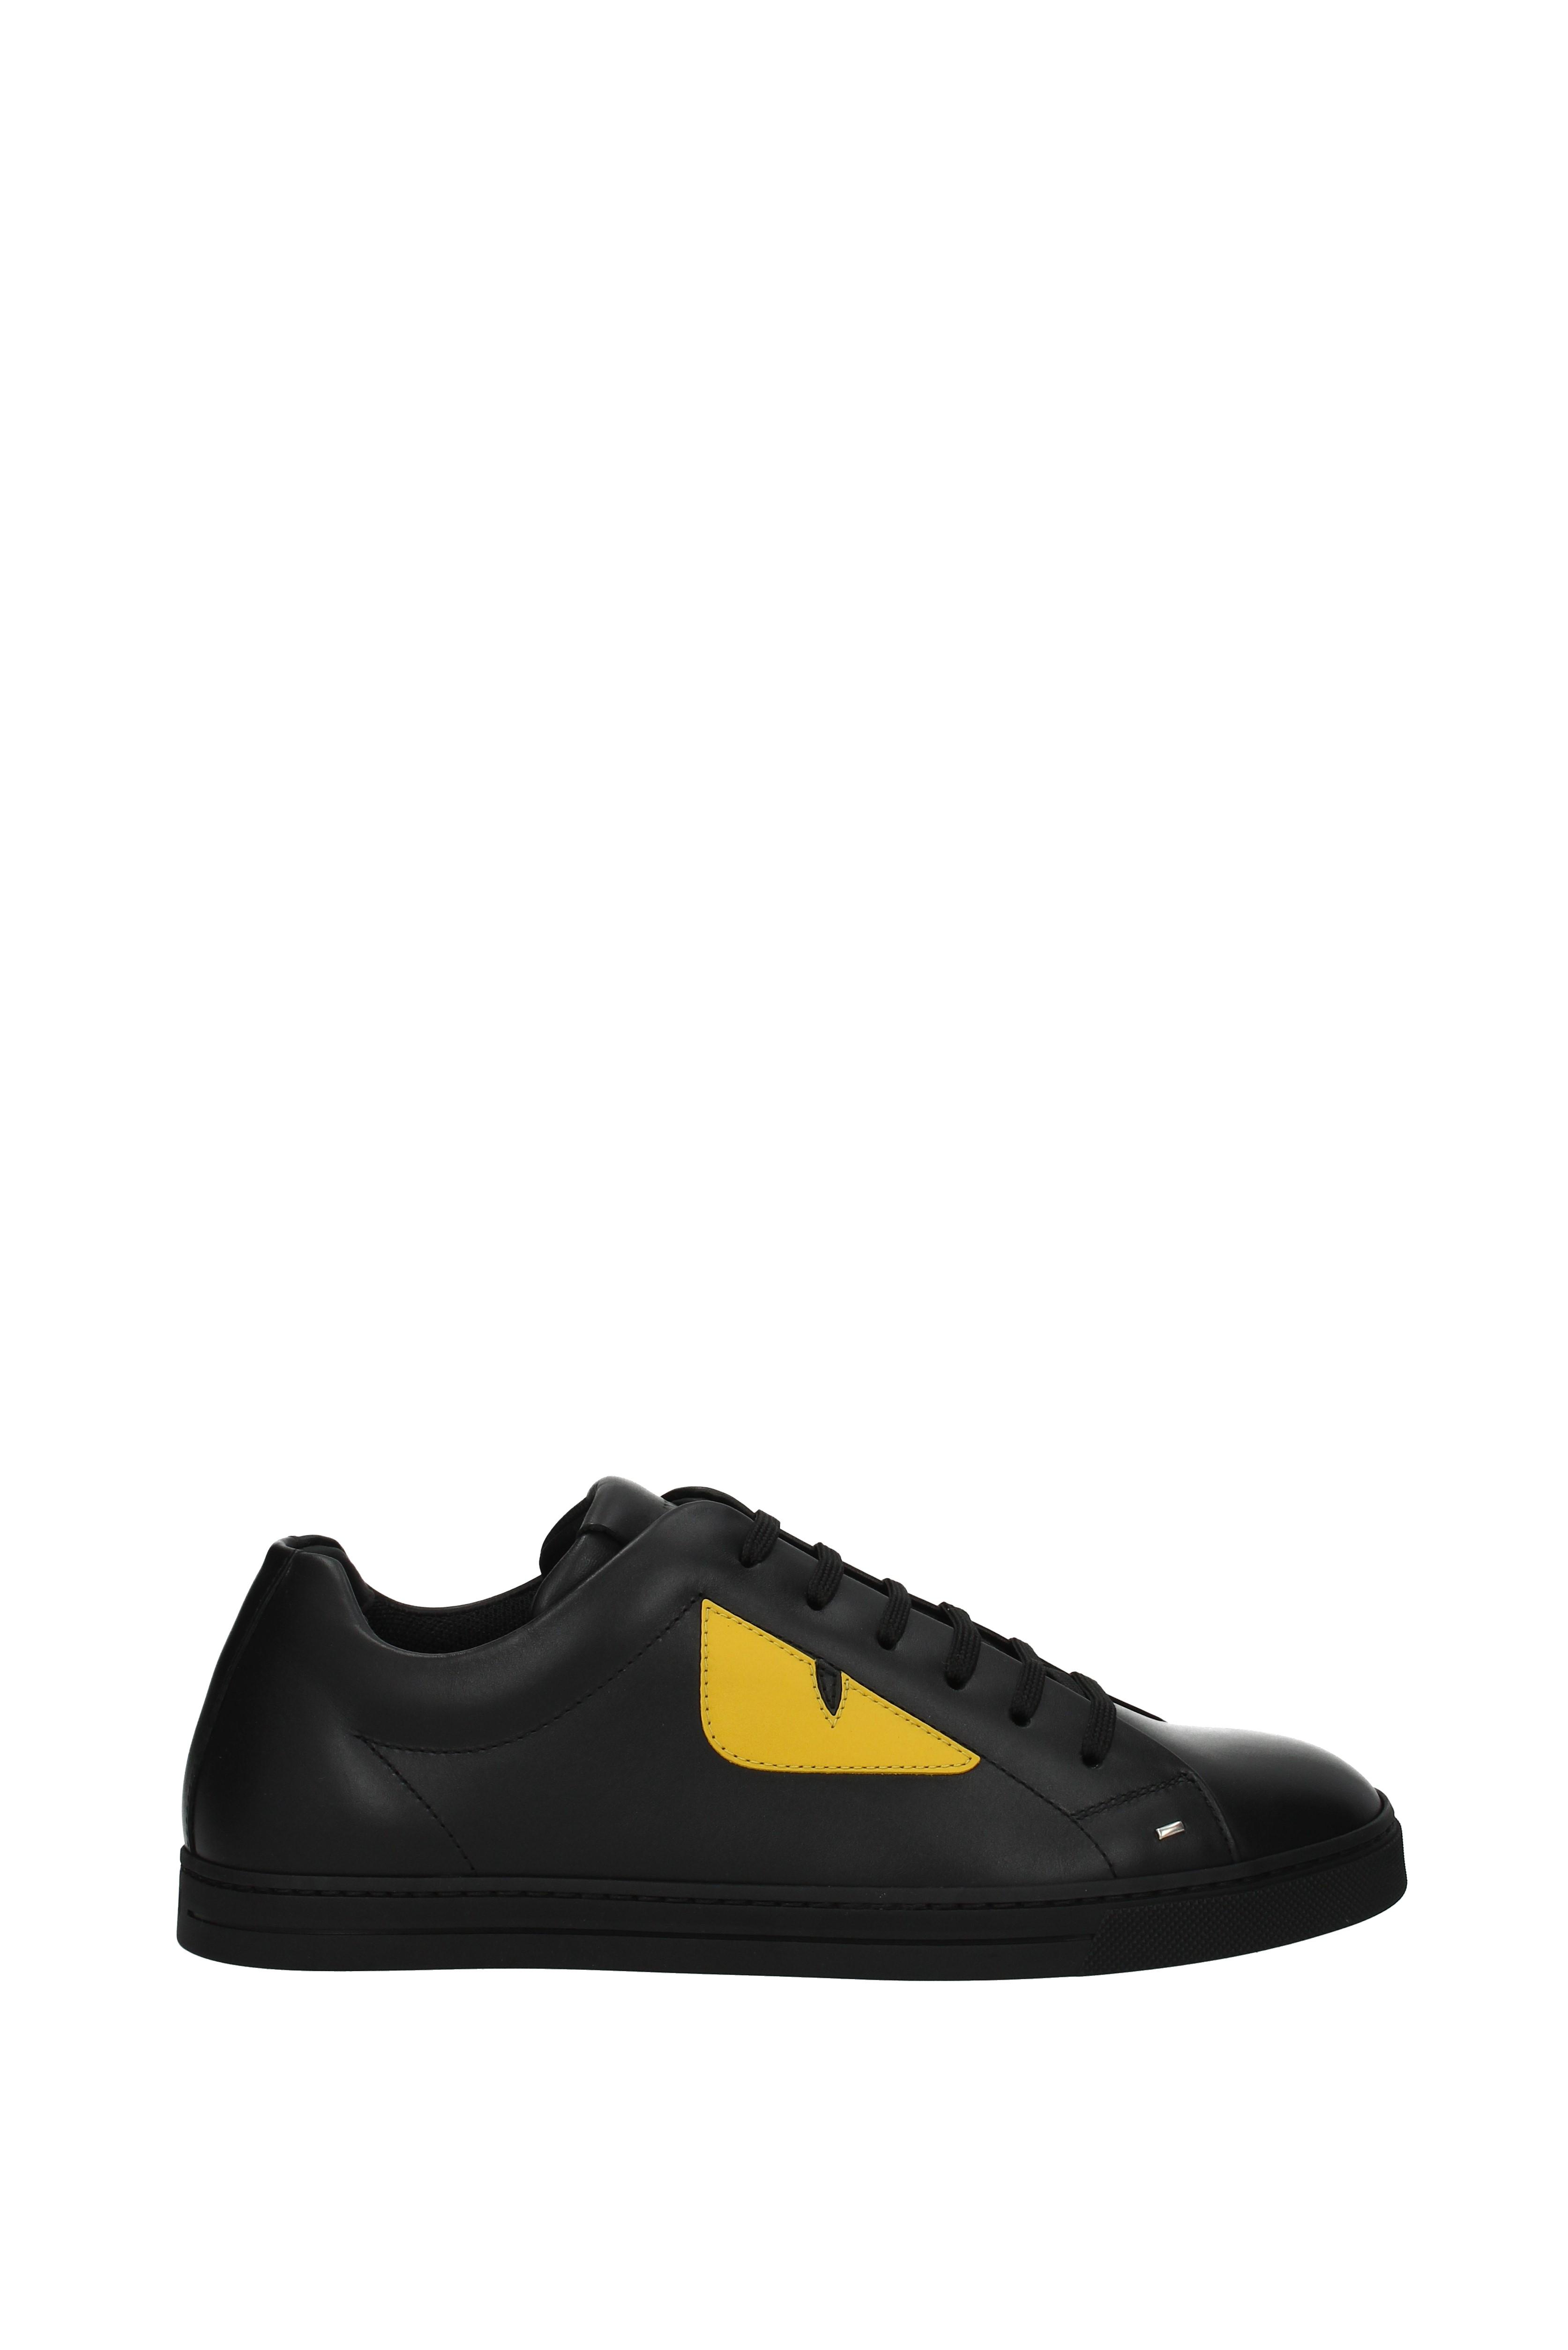 Homme Femme Sneakers Fendi Uomo - - - Pelle (7E1071TTY) Mode moderne et élégante À un prix inférieur Chaussures de marée vintage   à L'aise  81452b